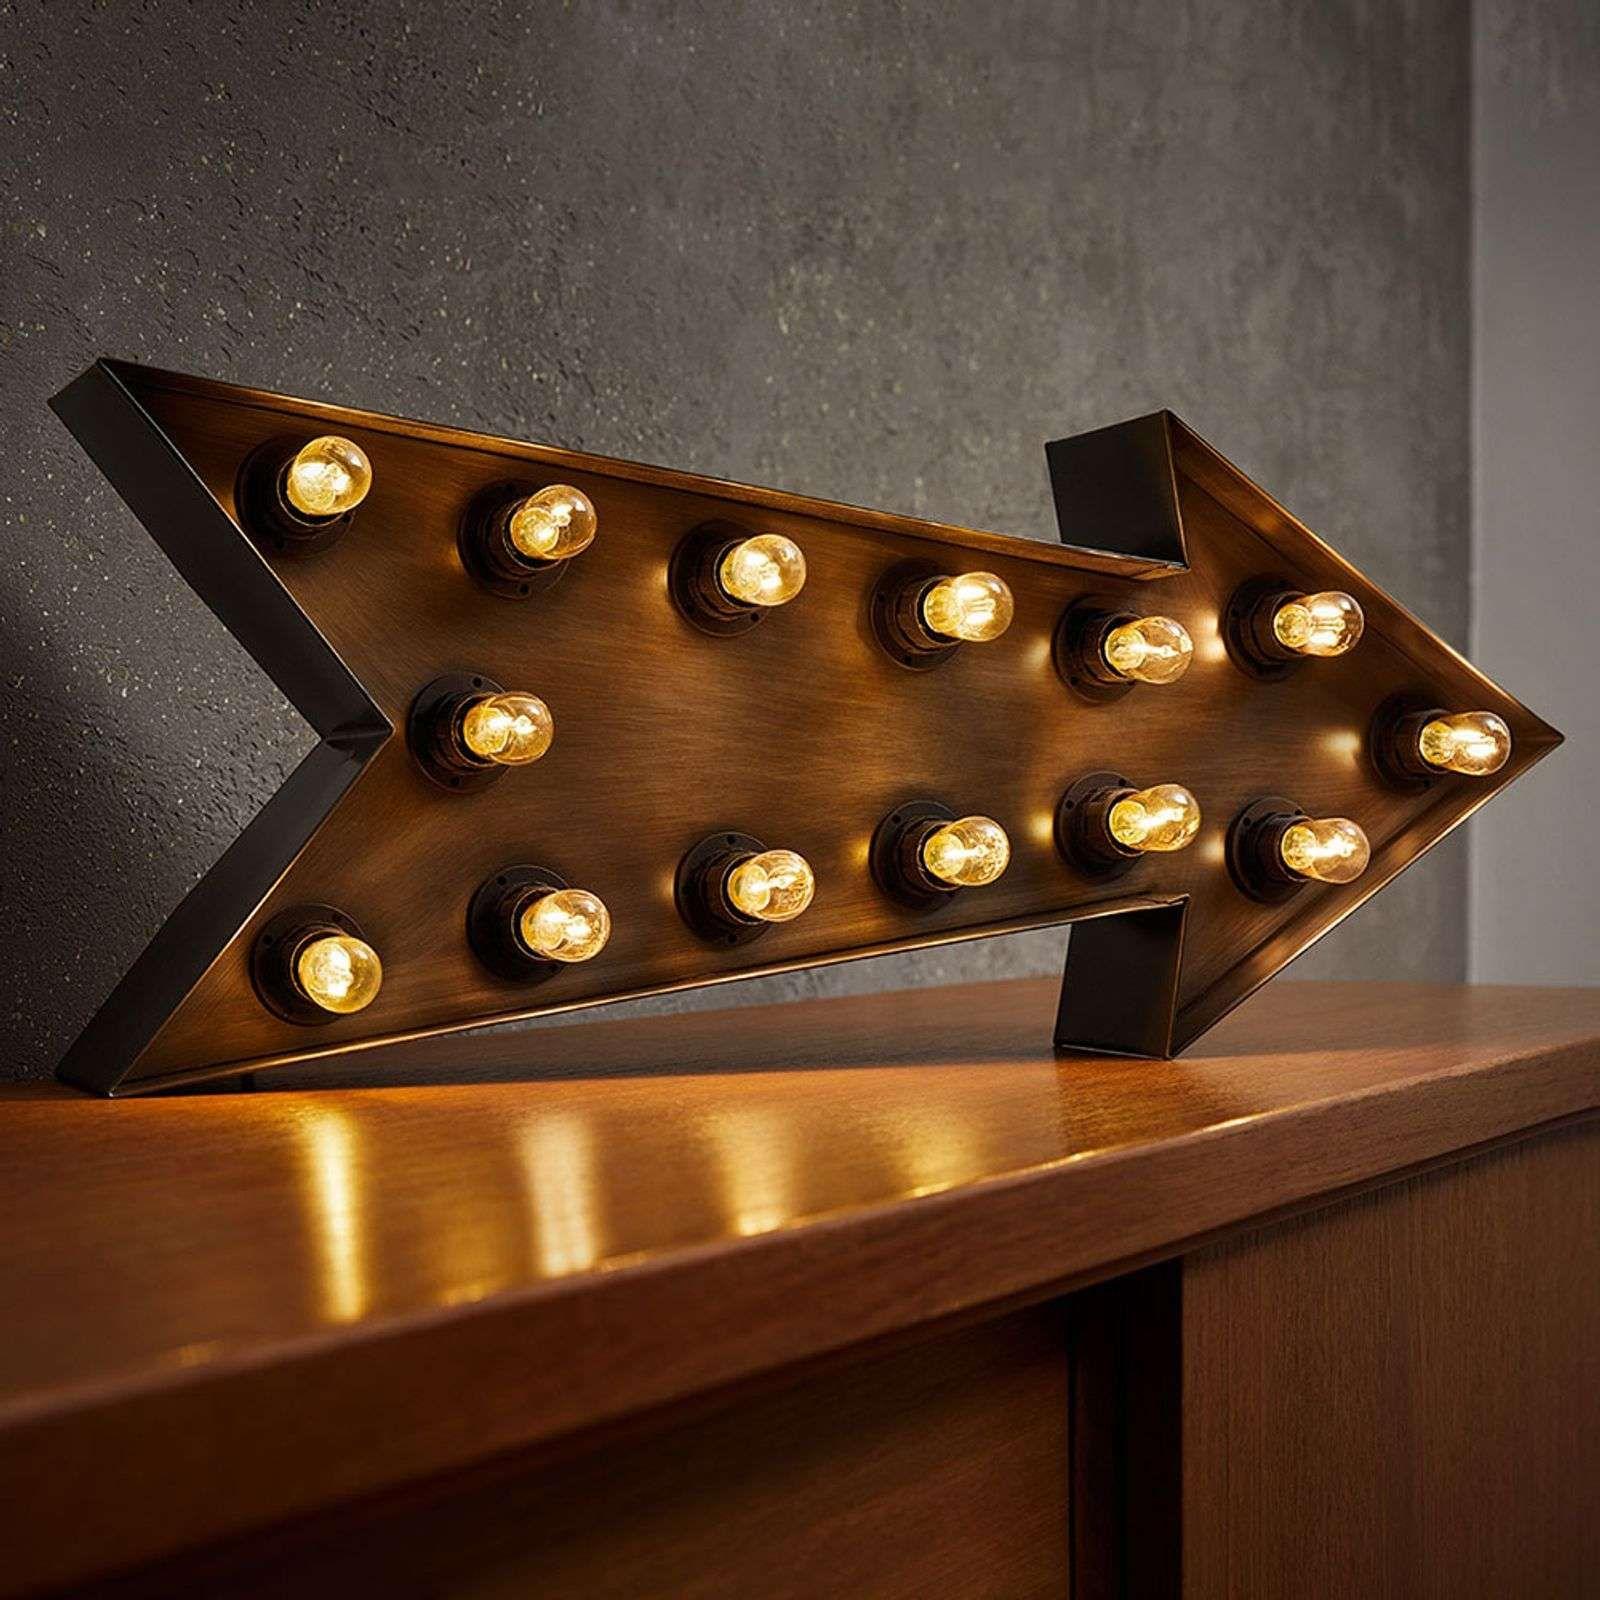 Osram Ampoule Led Star Special T26 E14 Filament 4w En 2020 Osram Led Lampe Led Ampoule Led